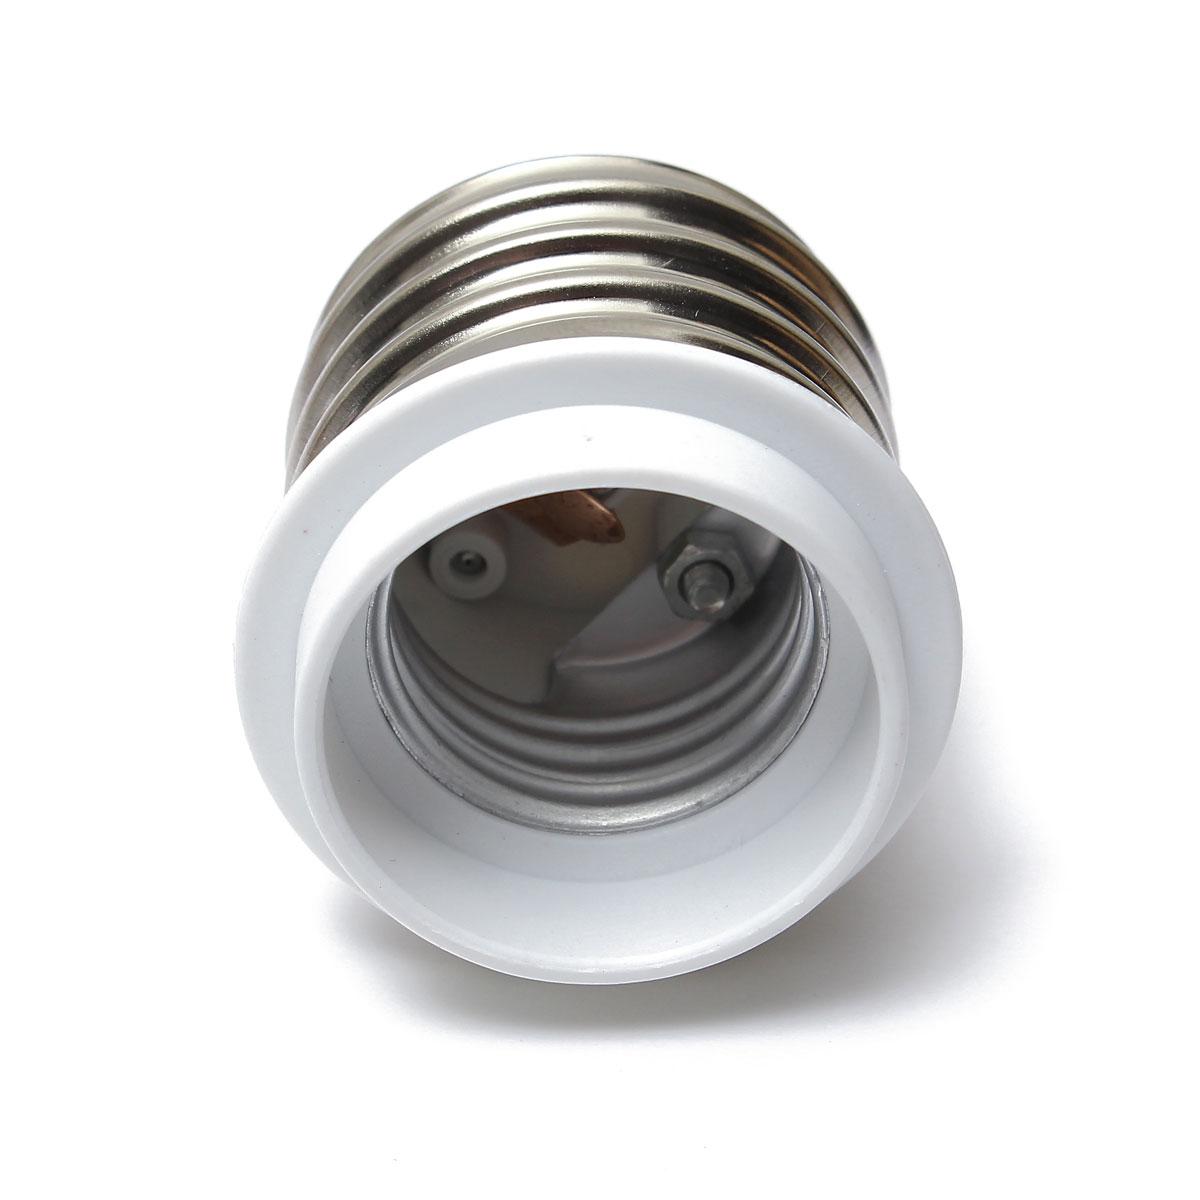 1 2 5 10x e40 vers e27 douille lampe ampoule adaptateur convertisseur vis socket ebay. Black Bedroom Furniture Sets. Home Design Ideas